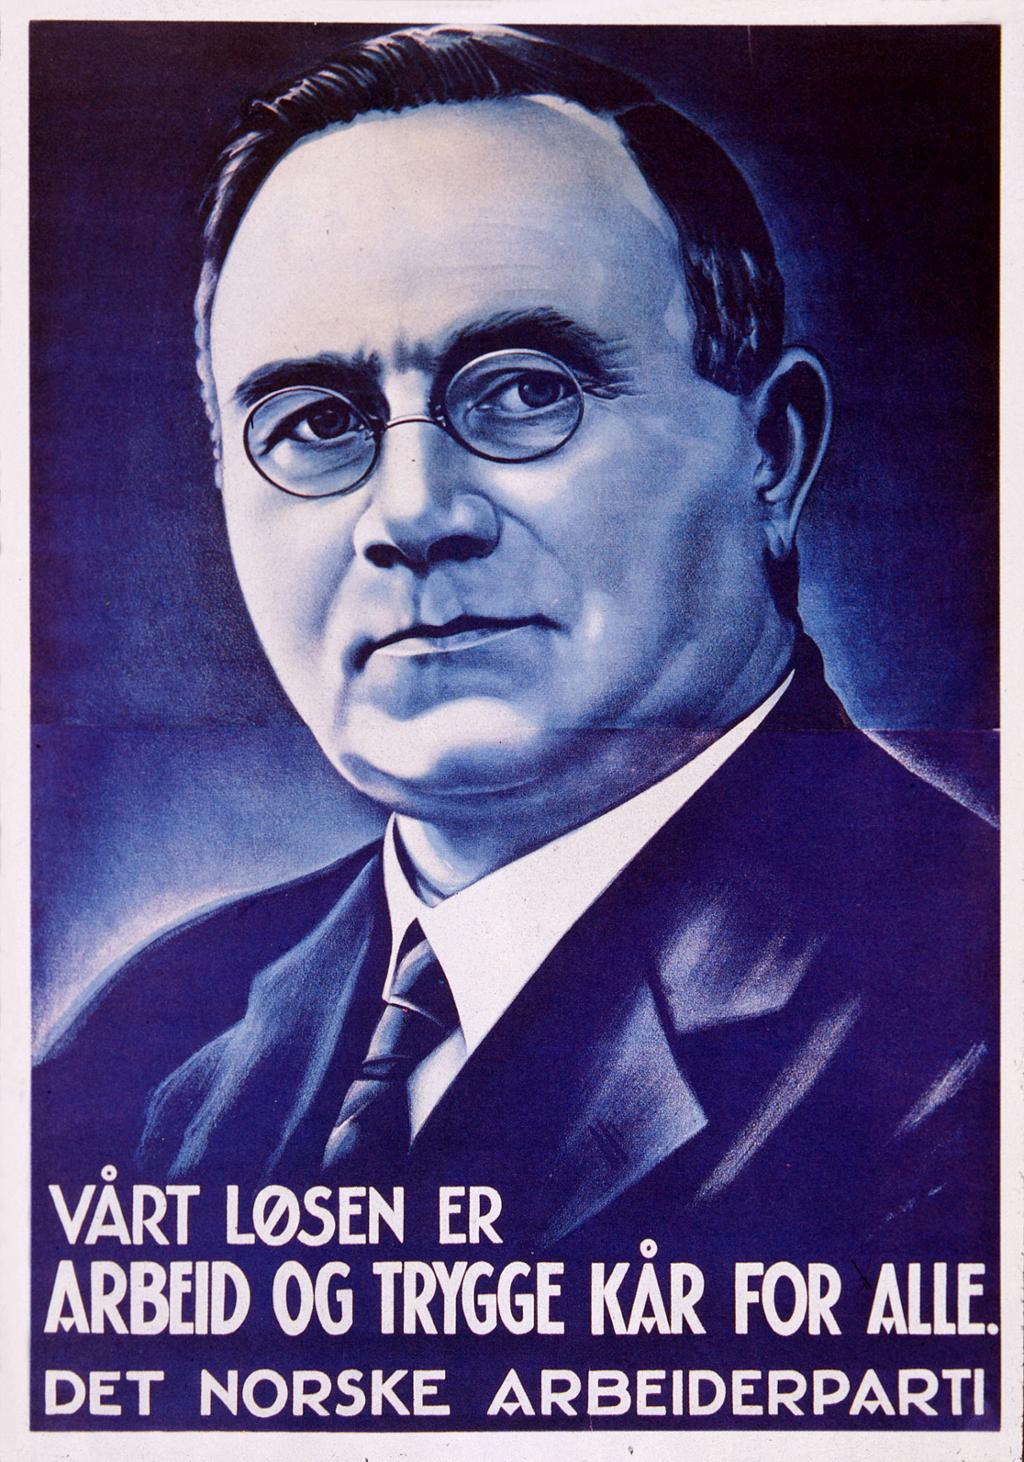 Valgplakat med Johan Nygaardsvold 1936 - Vårt løsen er arbeid og trygge kår for alle. Foto av plakat.